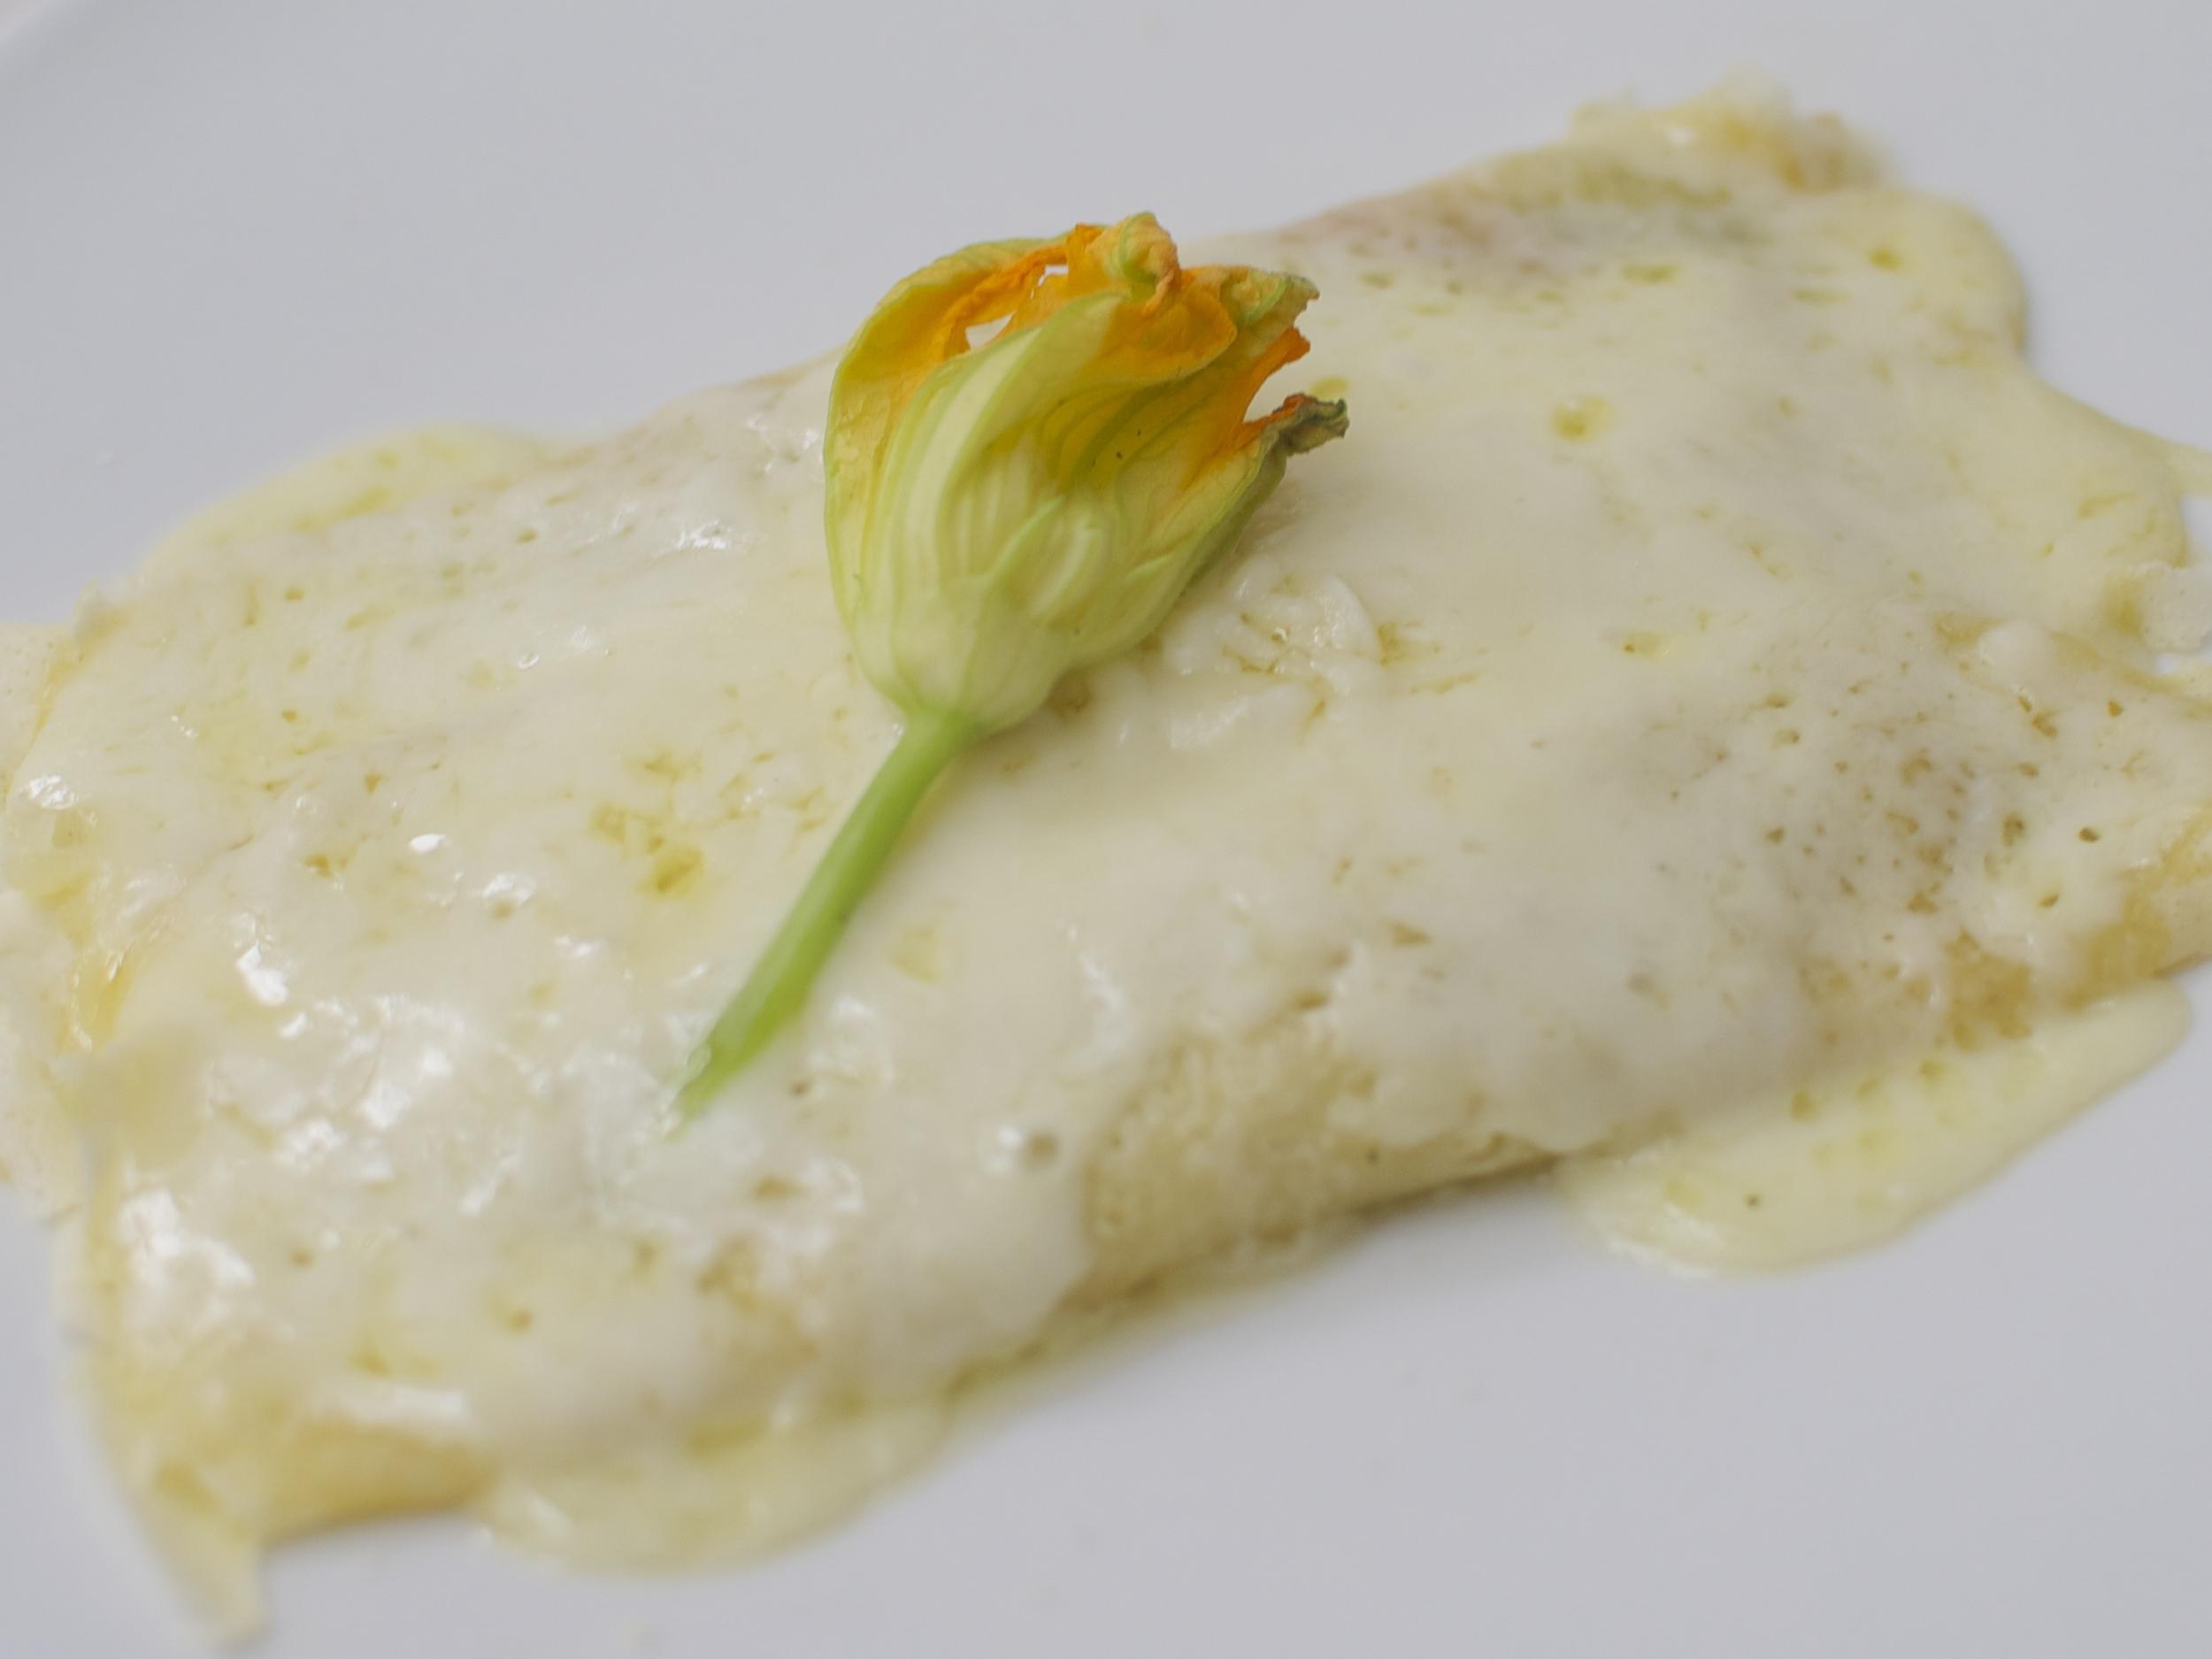 crepas de flor de calabaza  PRECIO PYREX: $375.00